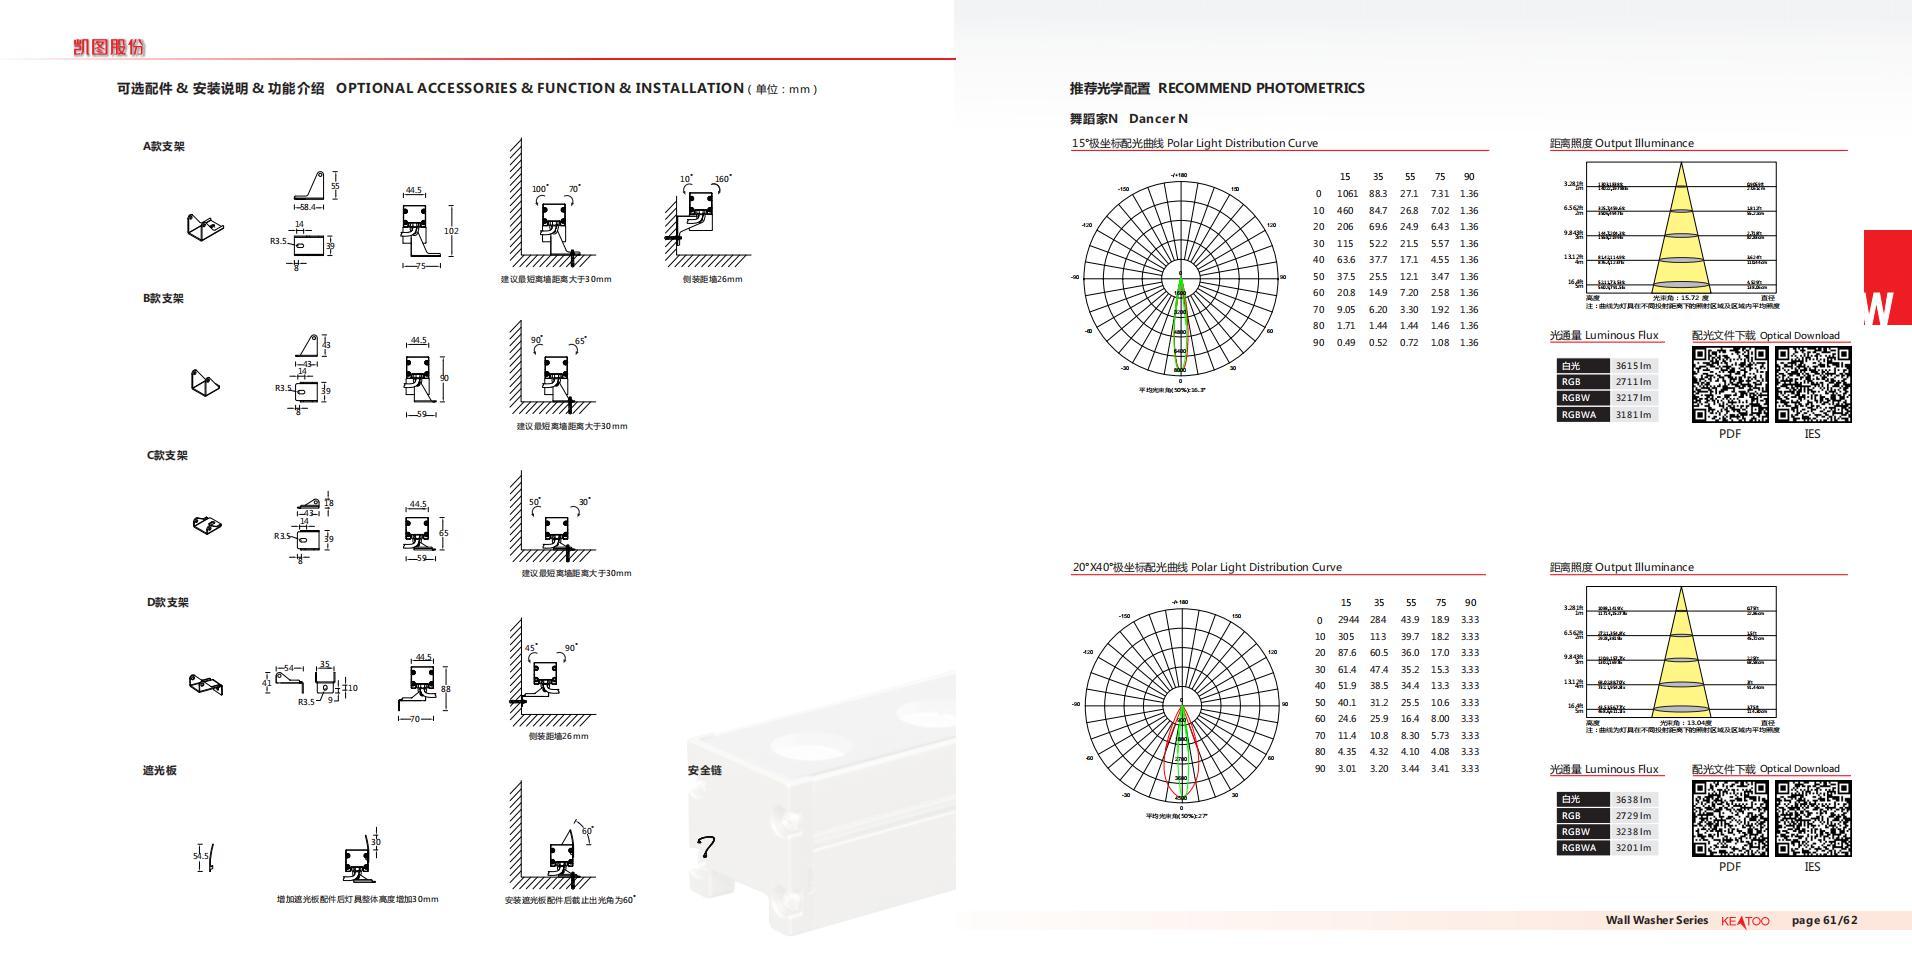 2019凯图产品册目录-定稿版2019.5.31_31